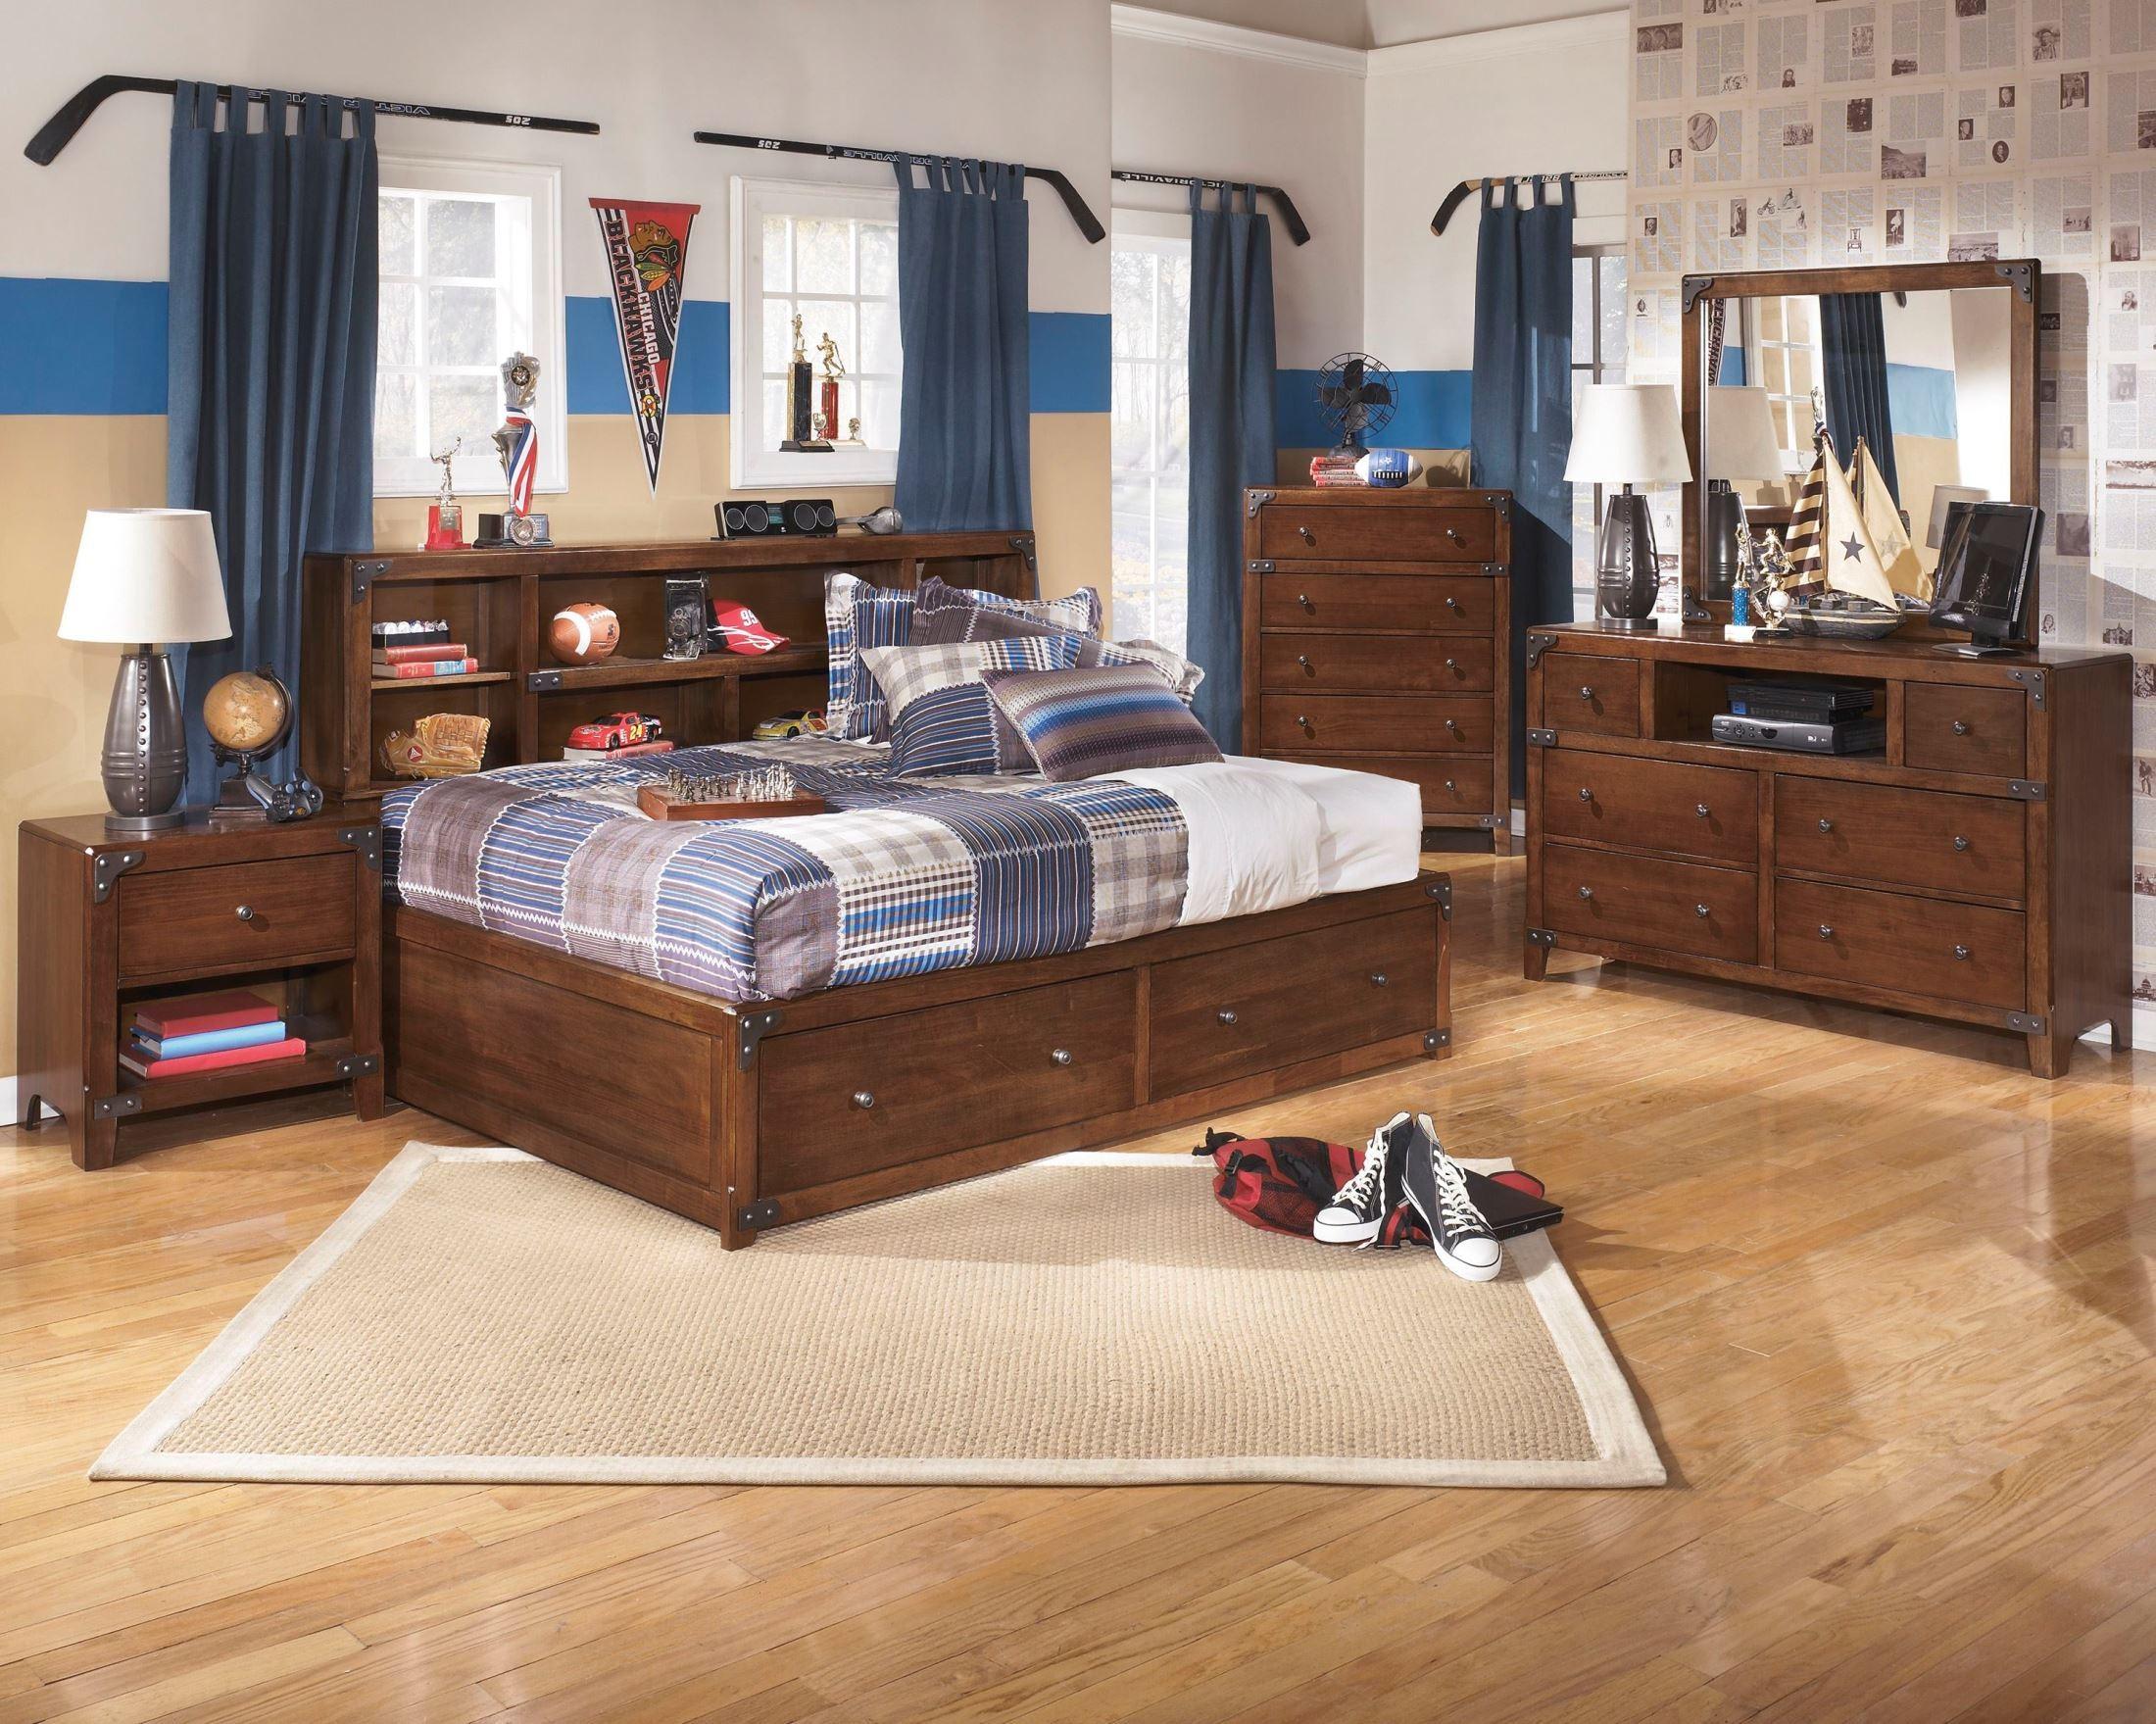 Delburne youth bookcase storage bedroom set from ashley b362 85 51 82 coleman furniture - Juvenile bedroom sets ...